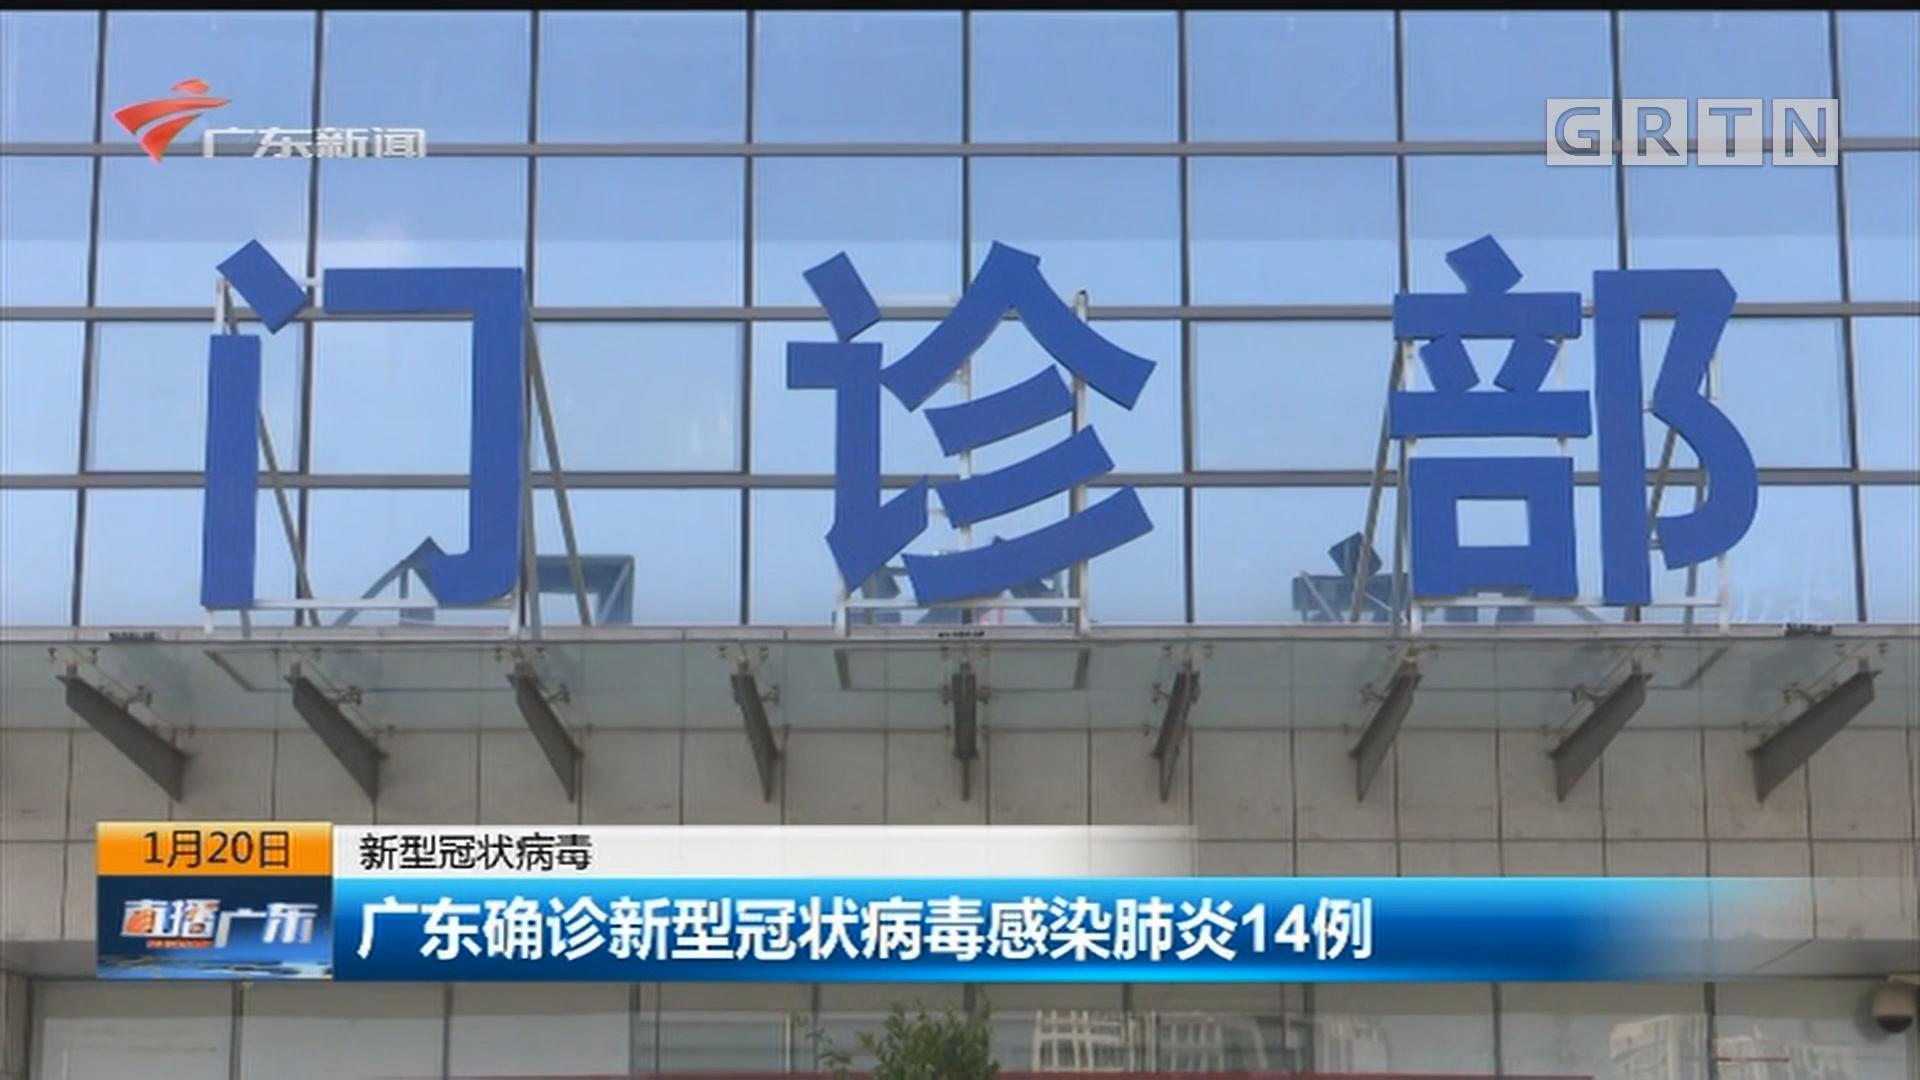 新型冠状病毒:广东确诊新型冠状病毒感染肺炎14例